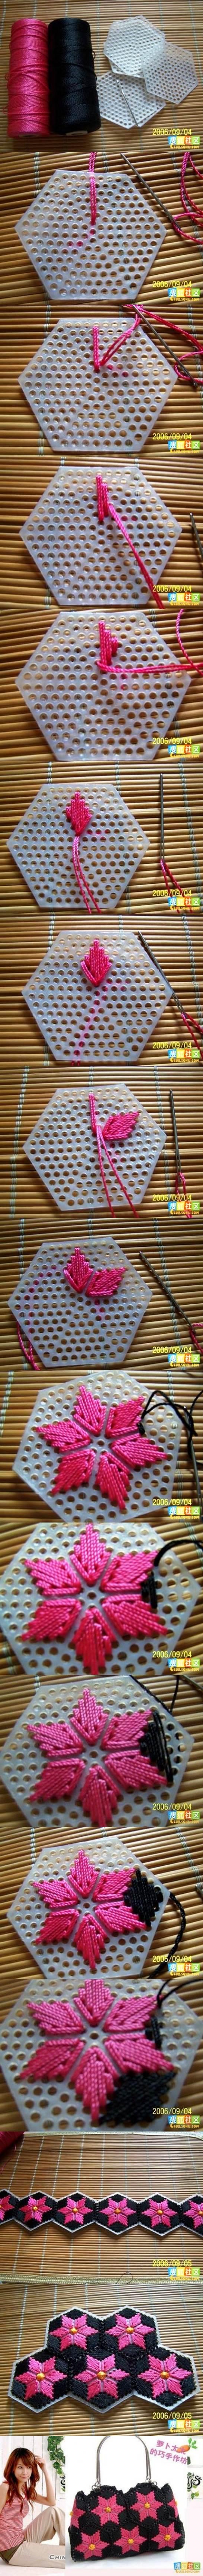 DIY-Pretty-Handbag-from-Stitch-Plastic-Canvas